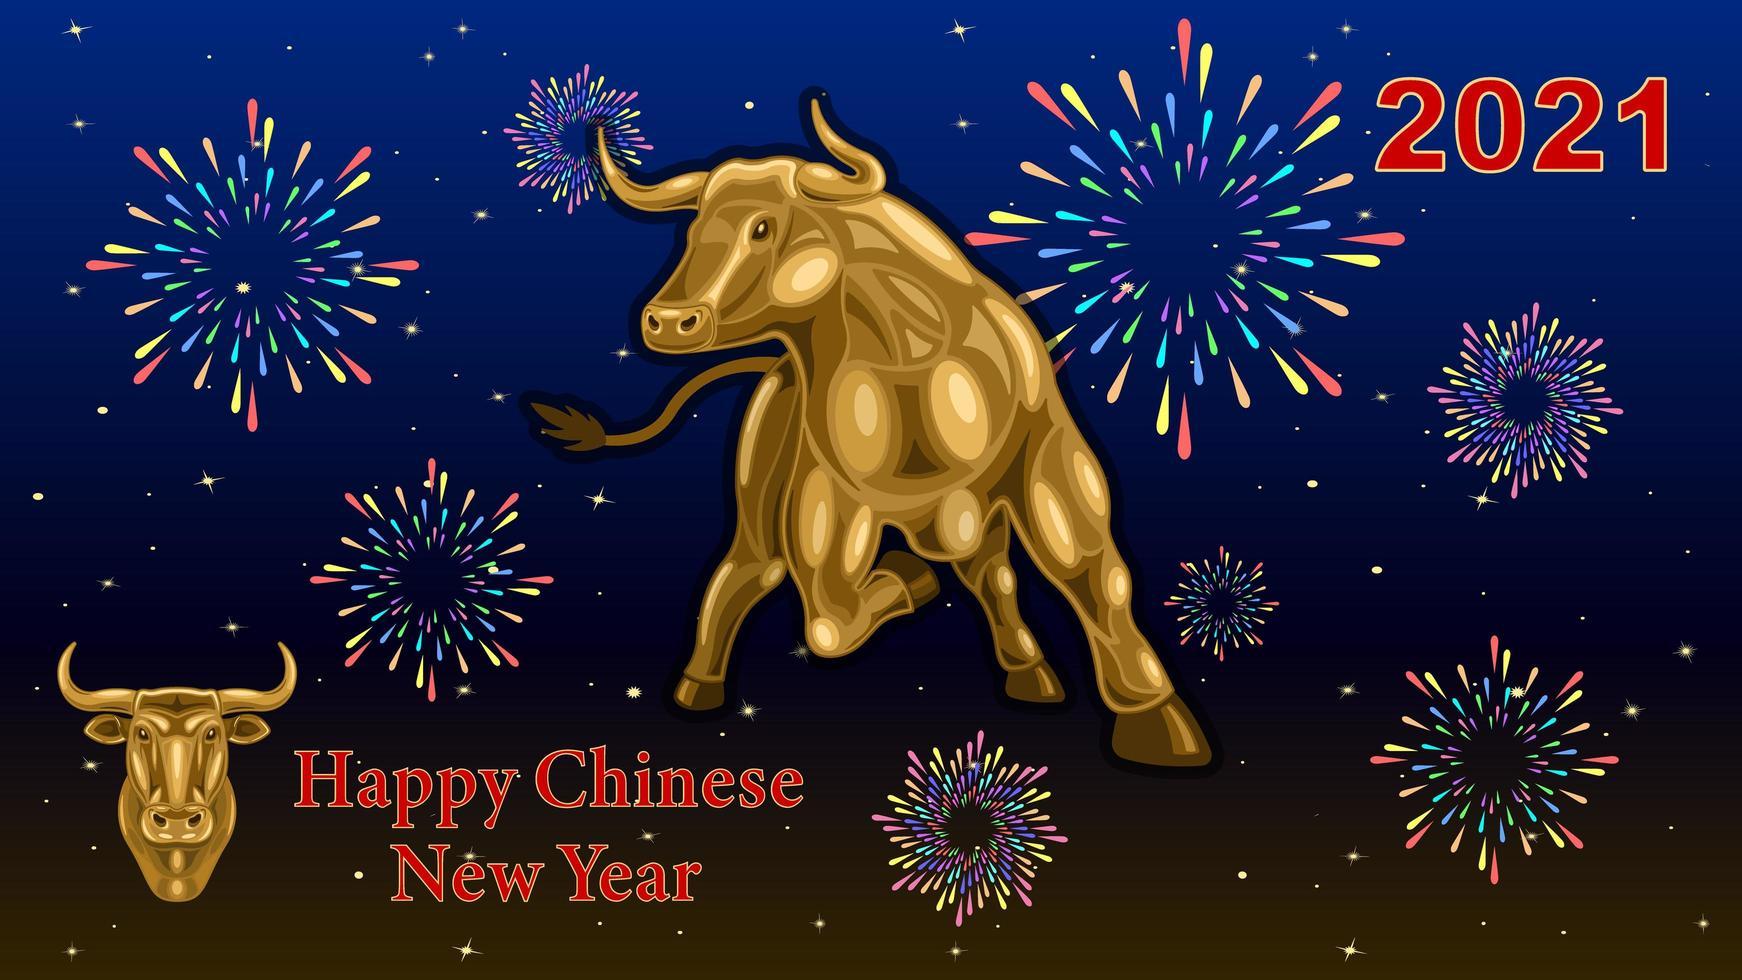 toro de metal, buey, cartel de fuegos artificiales del año nuevo chino 2021 vector